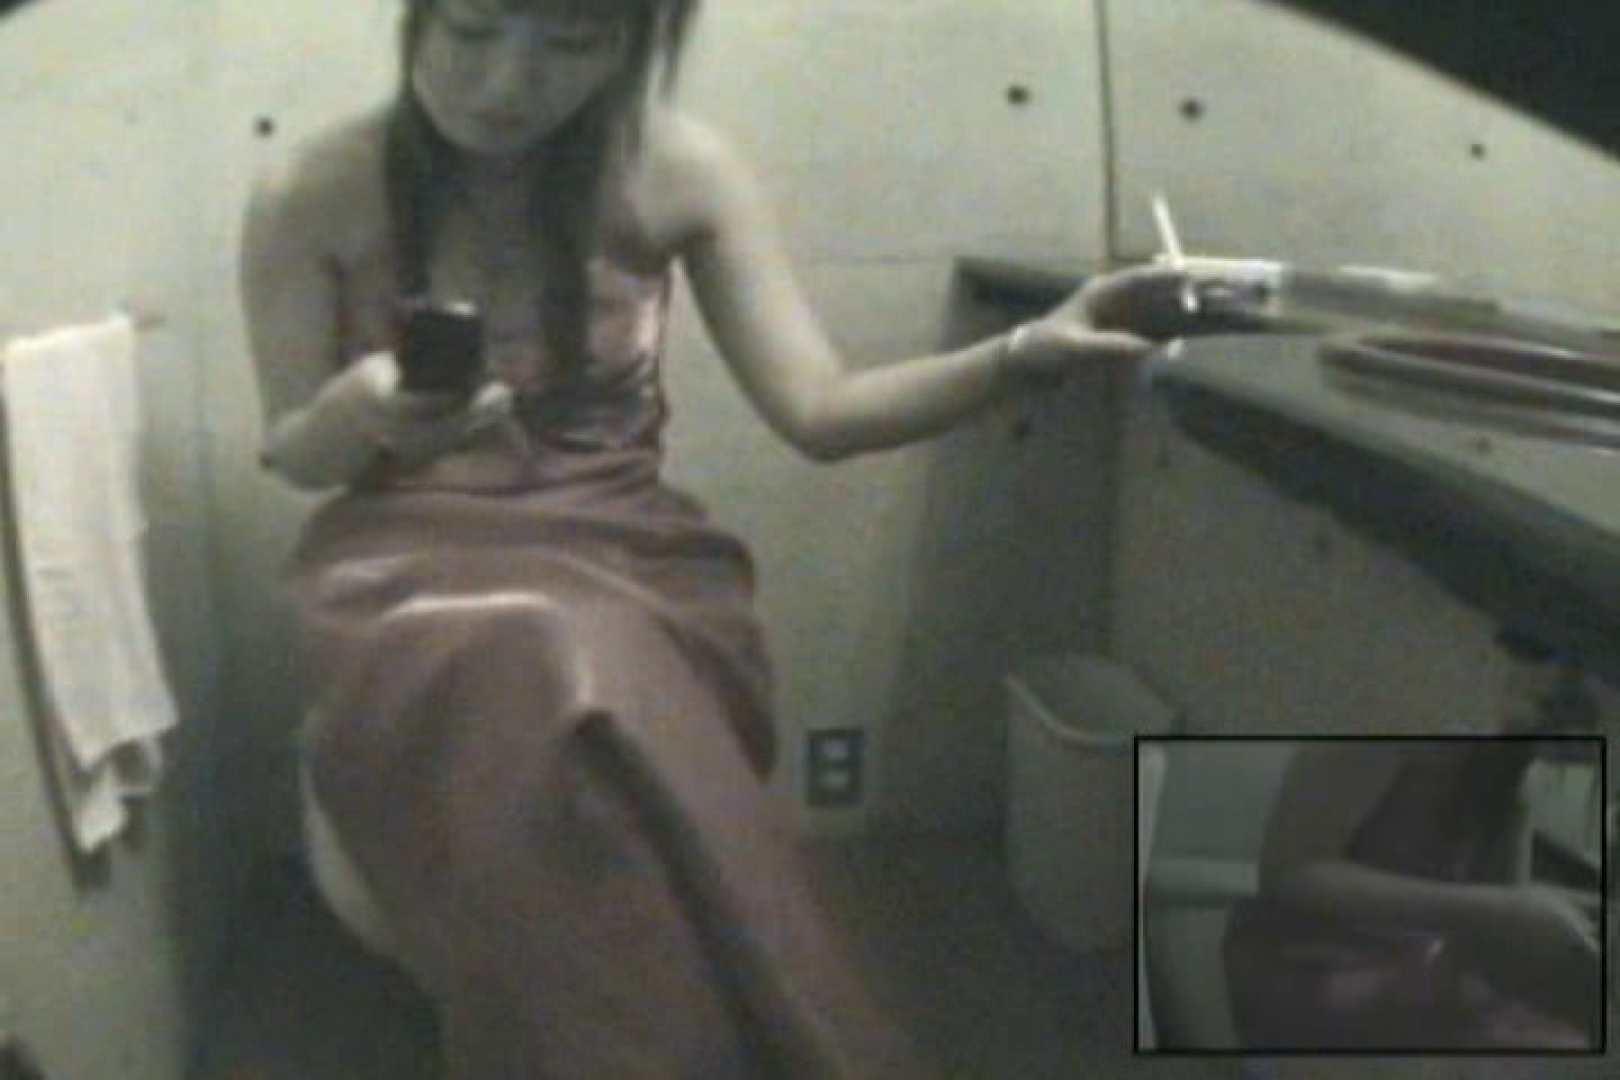 キャバ嬢は仕事の合間でもオナニーします!!Vol.7 美女OL AV無料動画キャプチャ 106連発 41